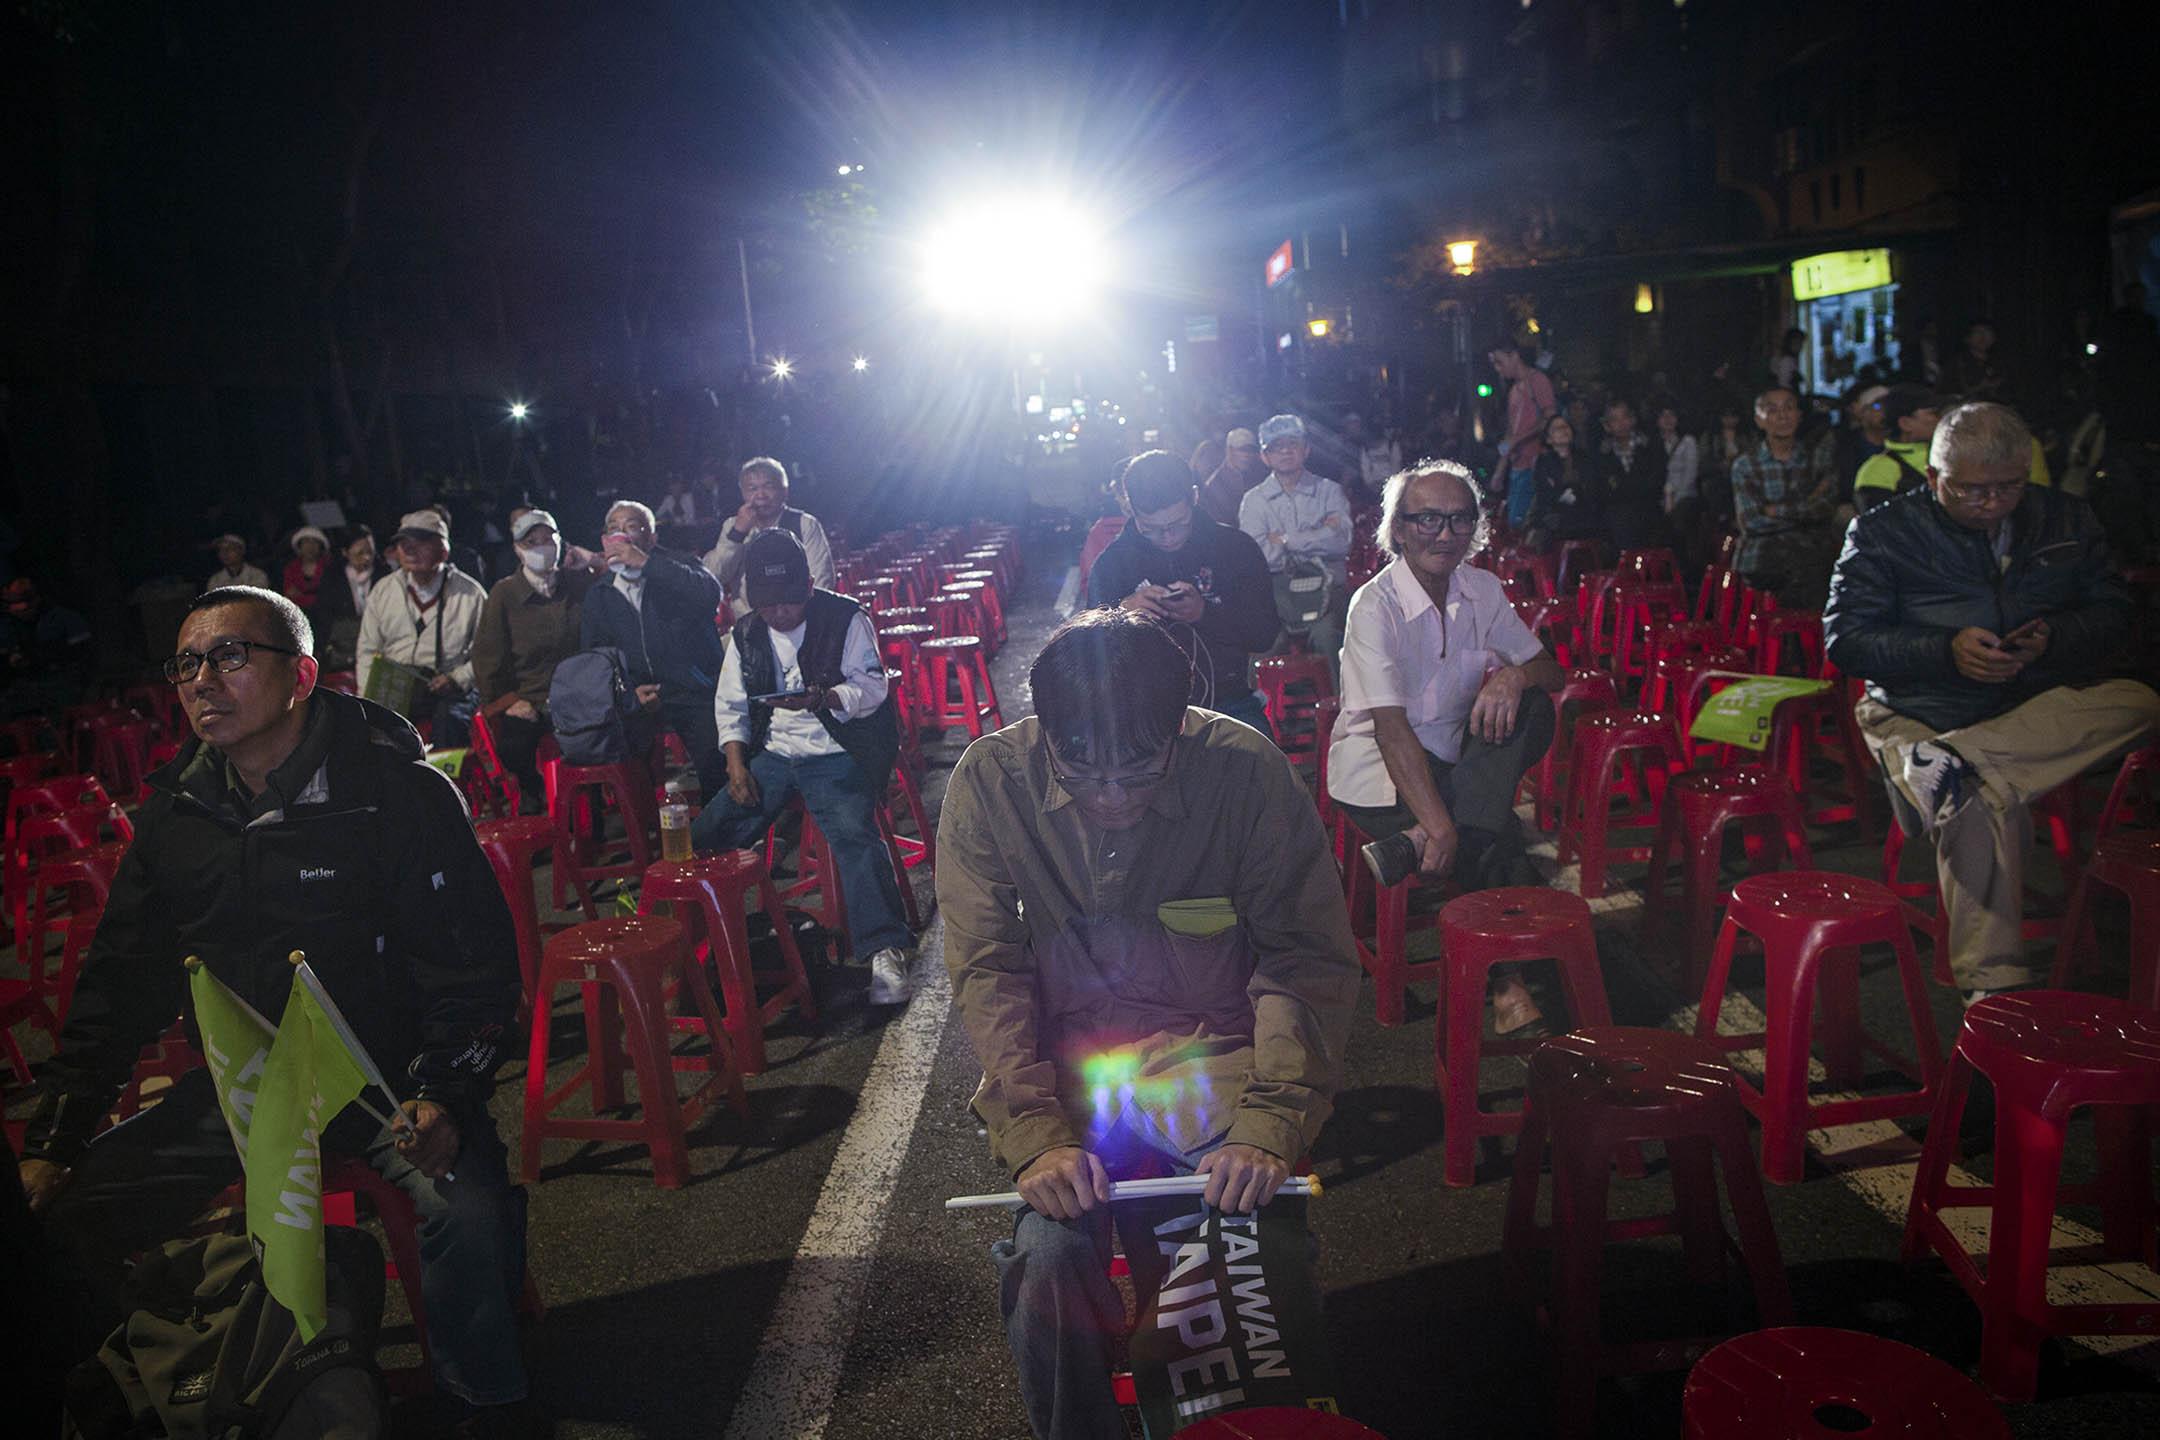 2018年11月24日,台北市長候選人姚文智的支持者在等待點票結果。 攝:陳焯煇/端傳媒